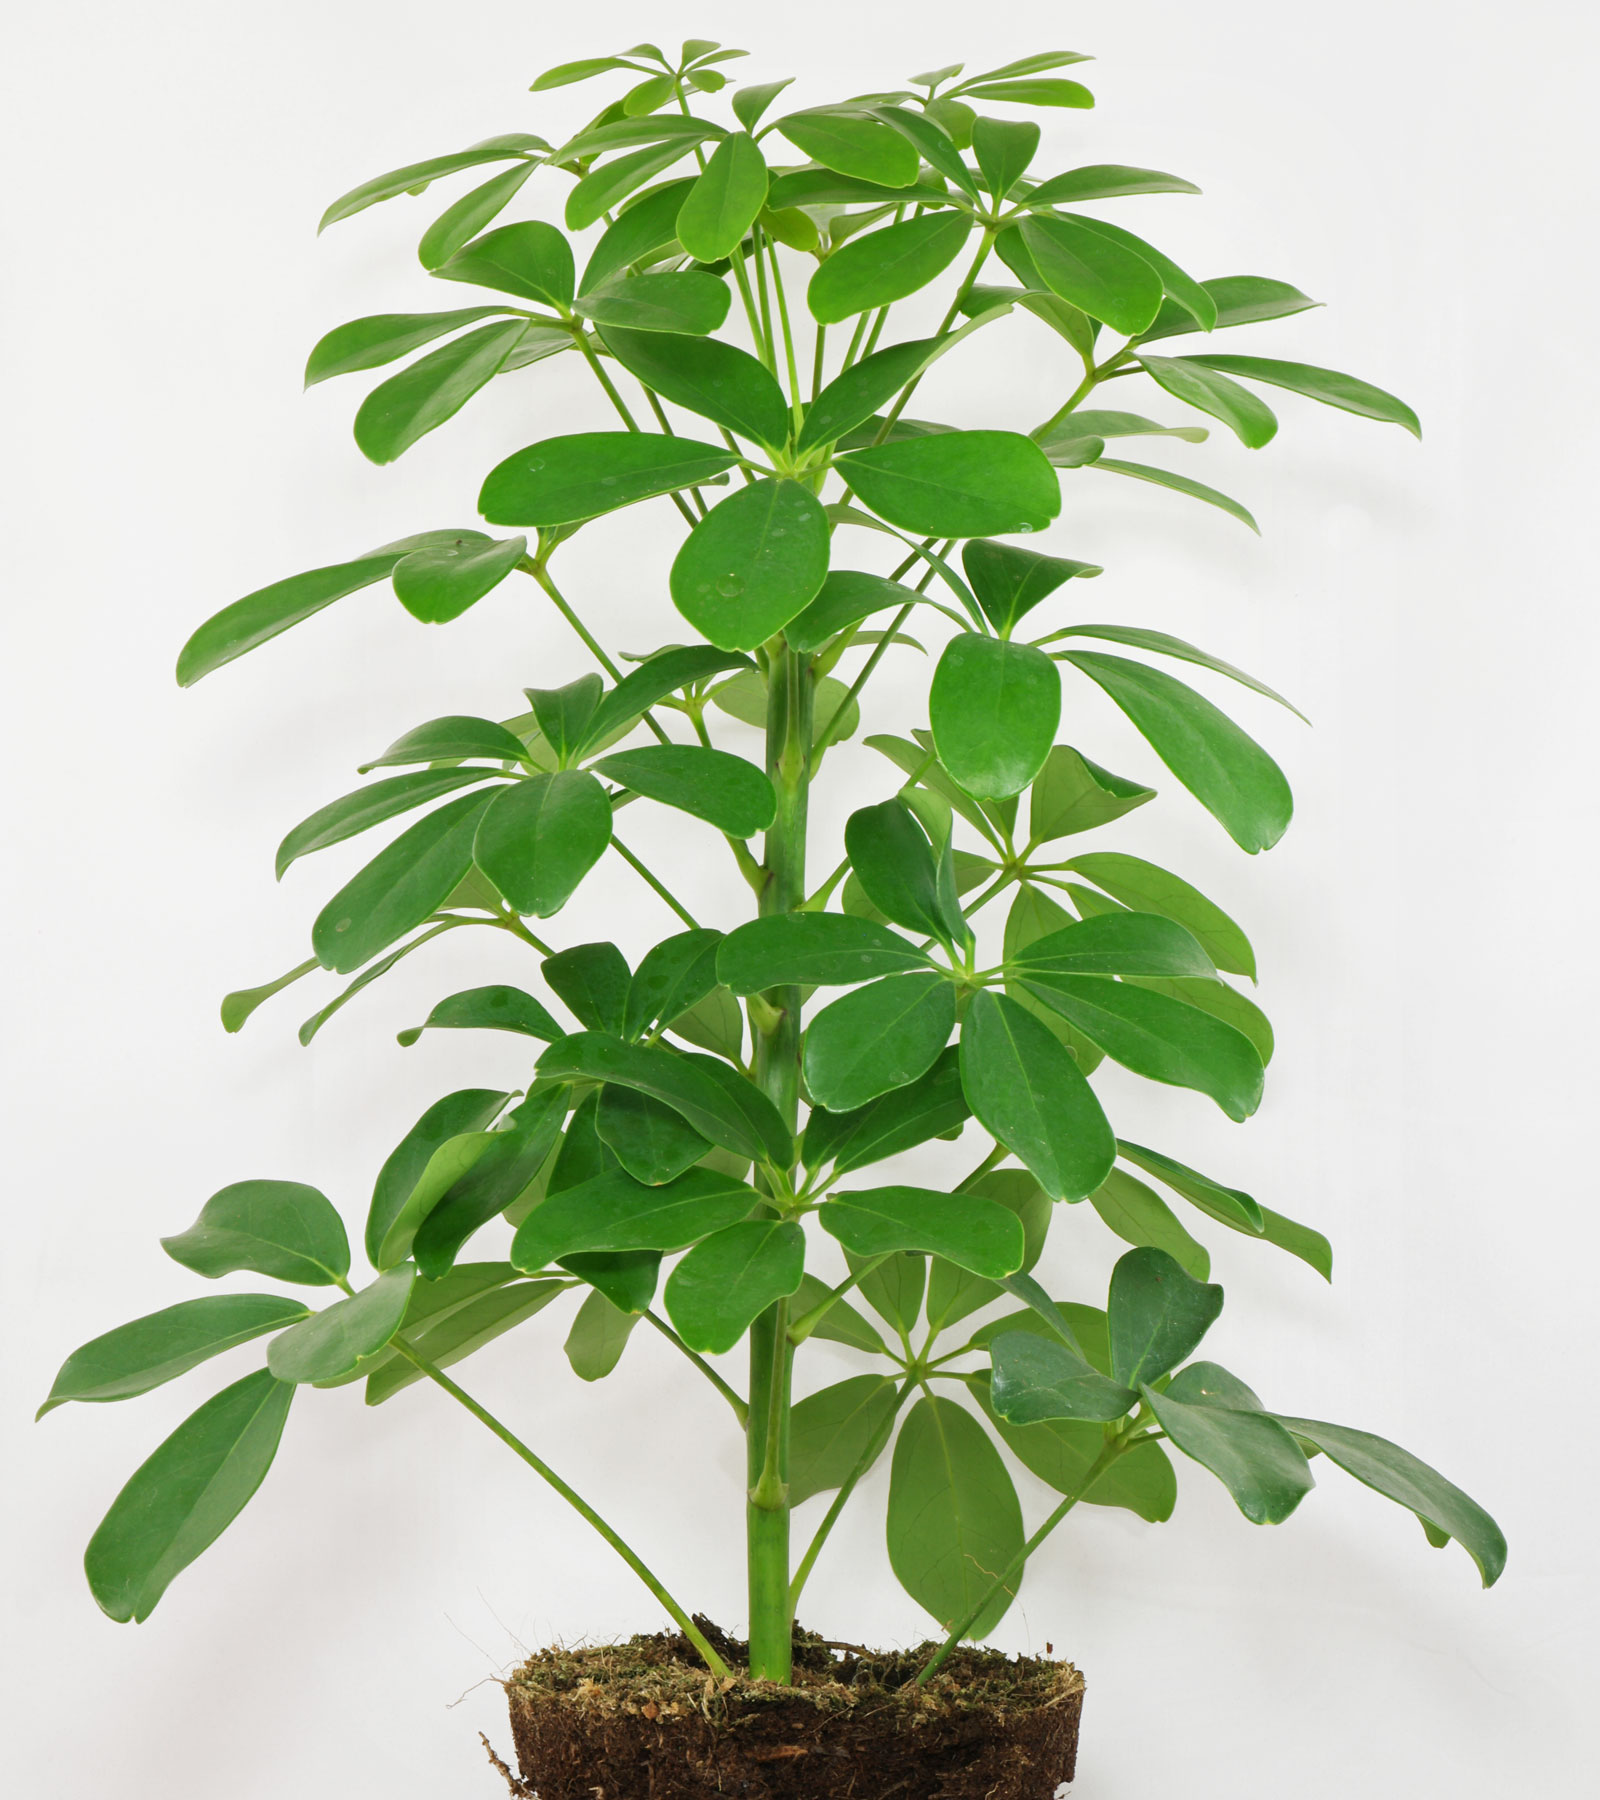 У шефлеры опадают листья: причины. Шефлера сбрасывает листья, что делать? 67